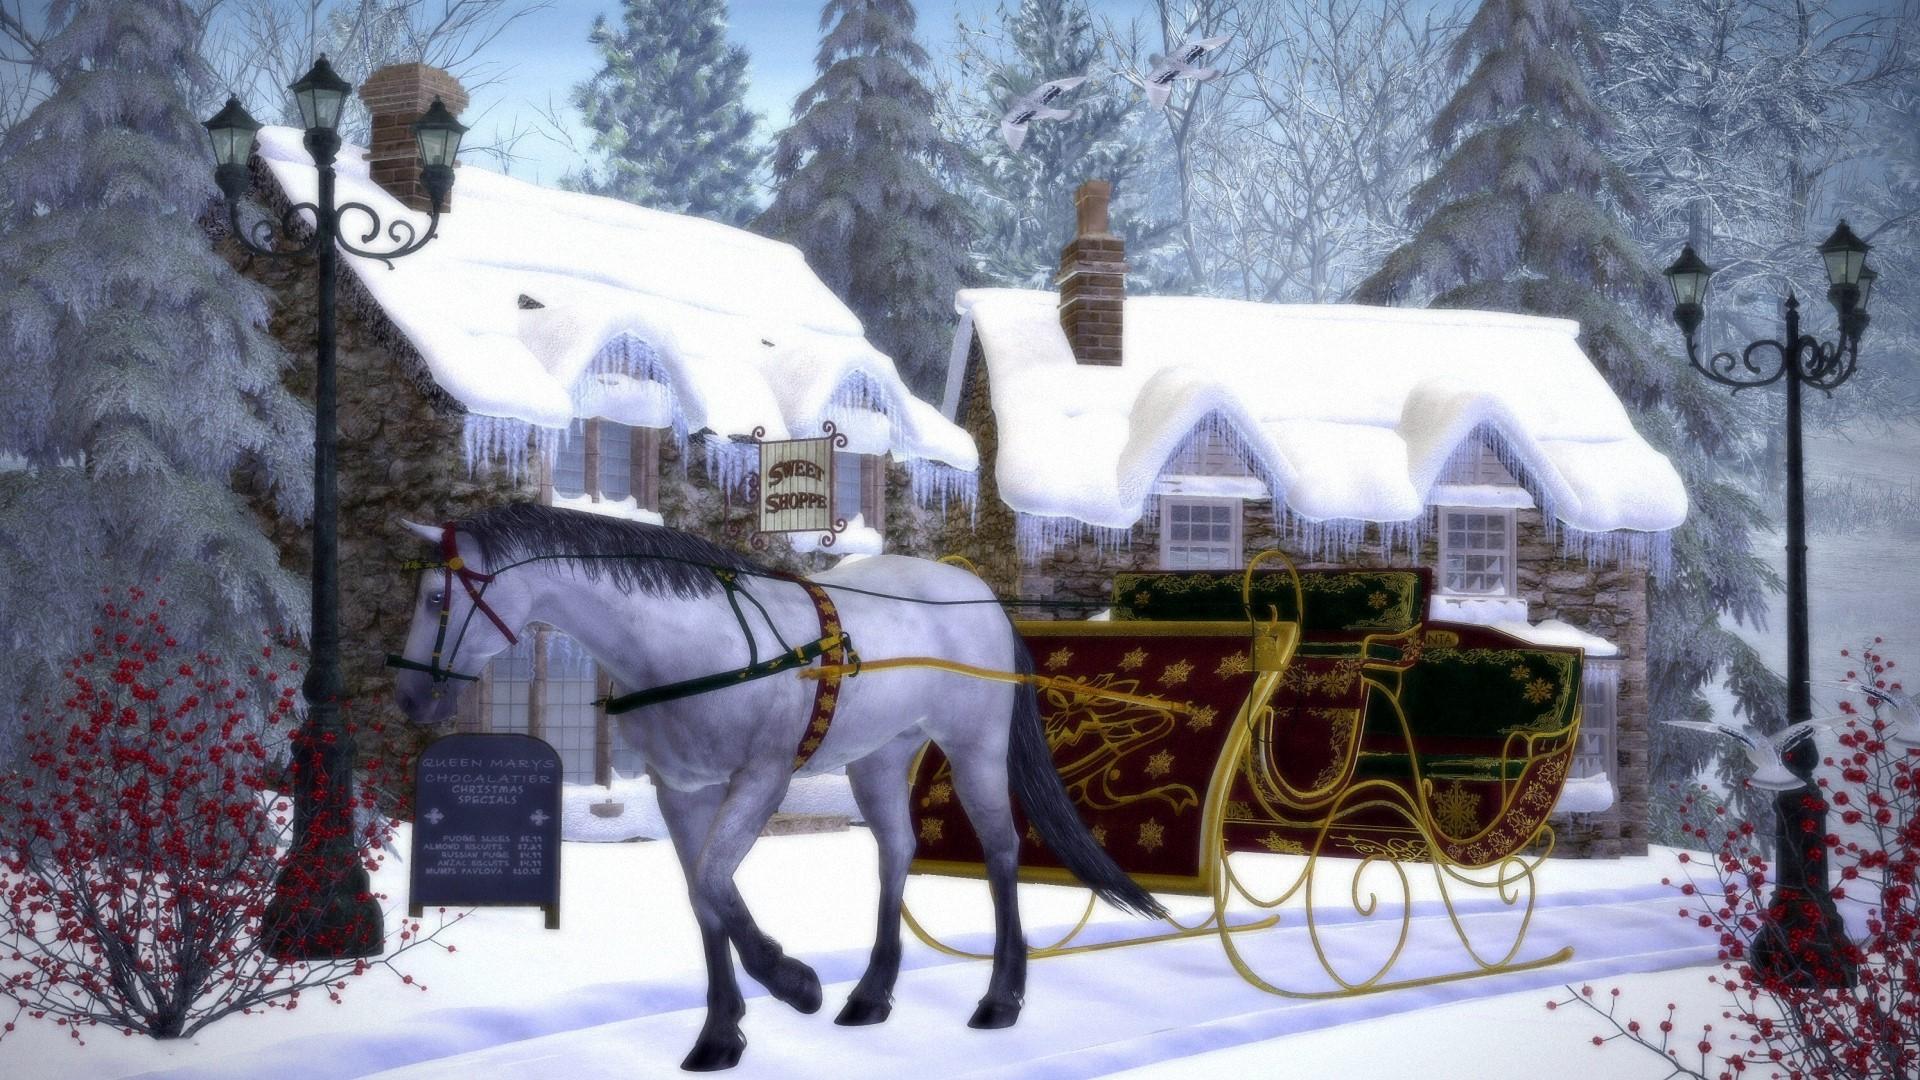 Bilder Weihnachten Download Kostenlos.Weihnachten Wallpaper Kostenlos Download